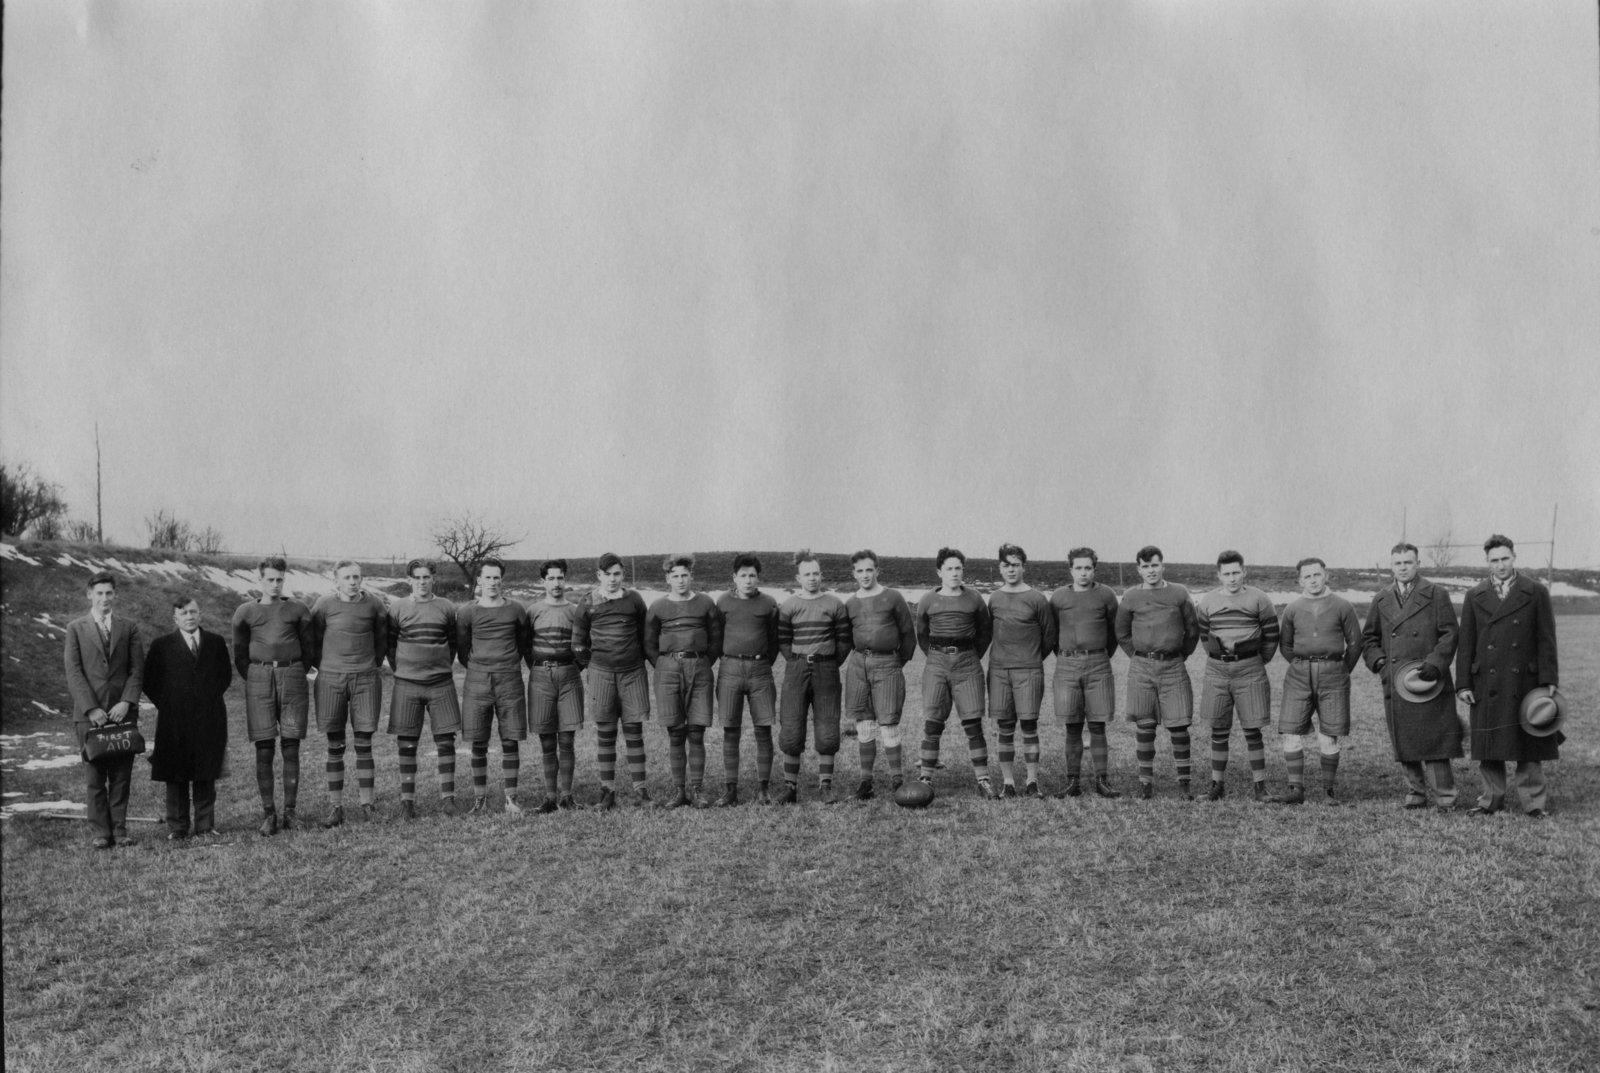 Waterloo College rugby team, 1930